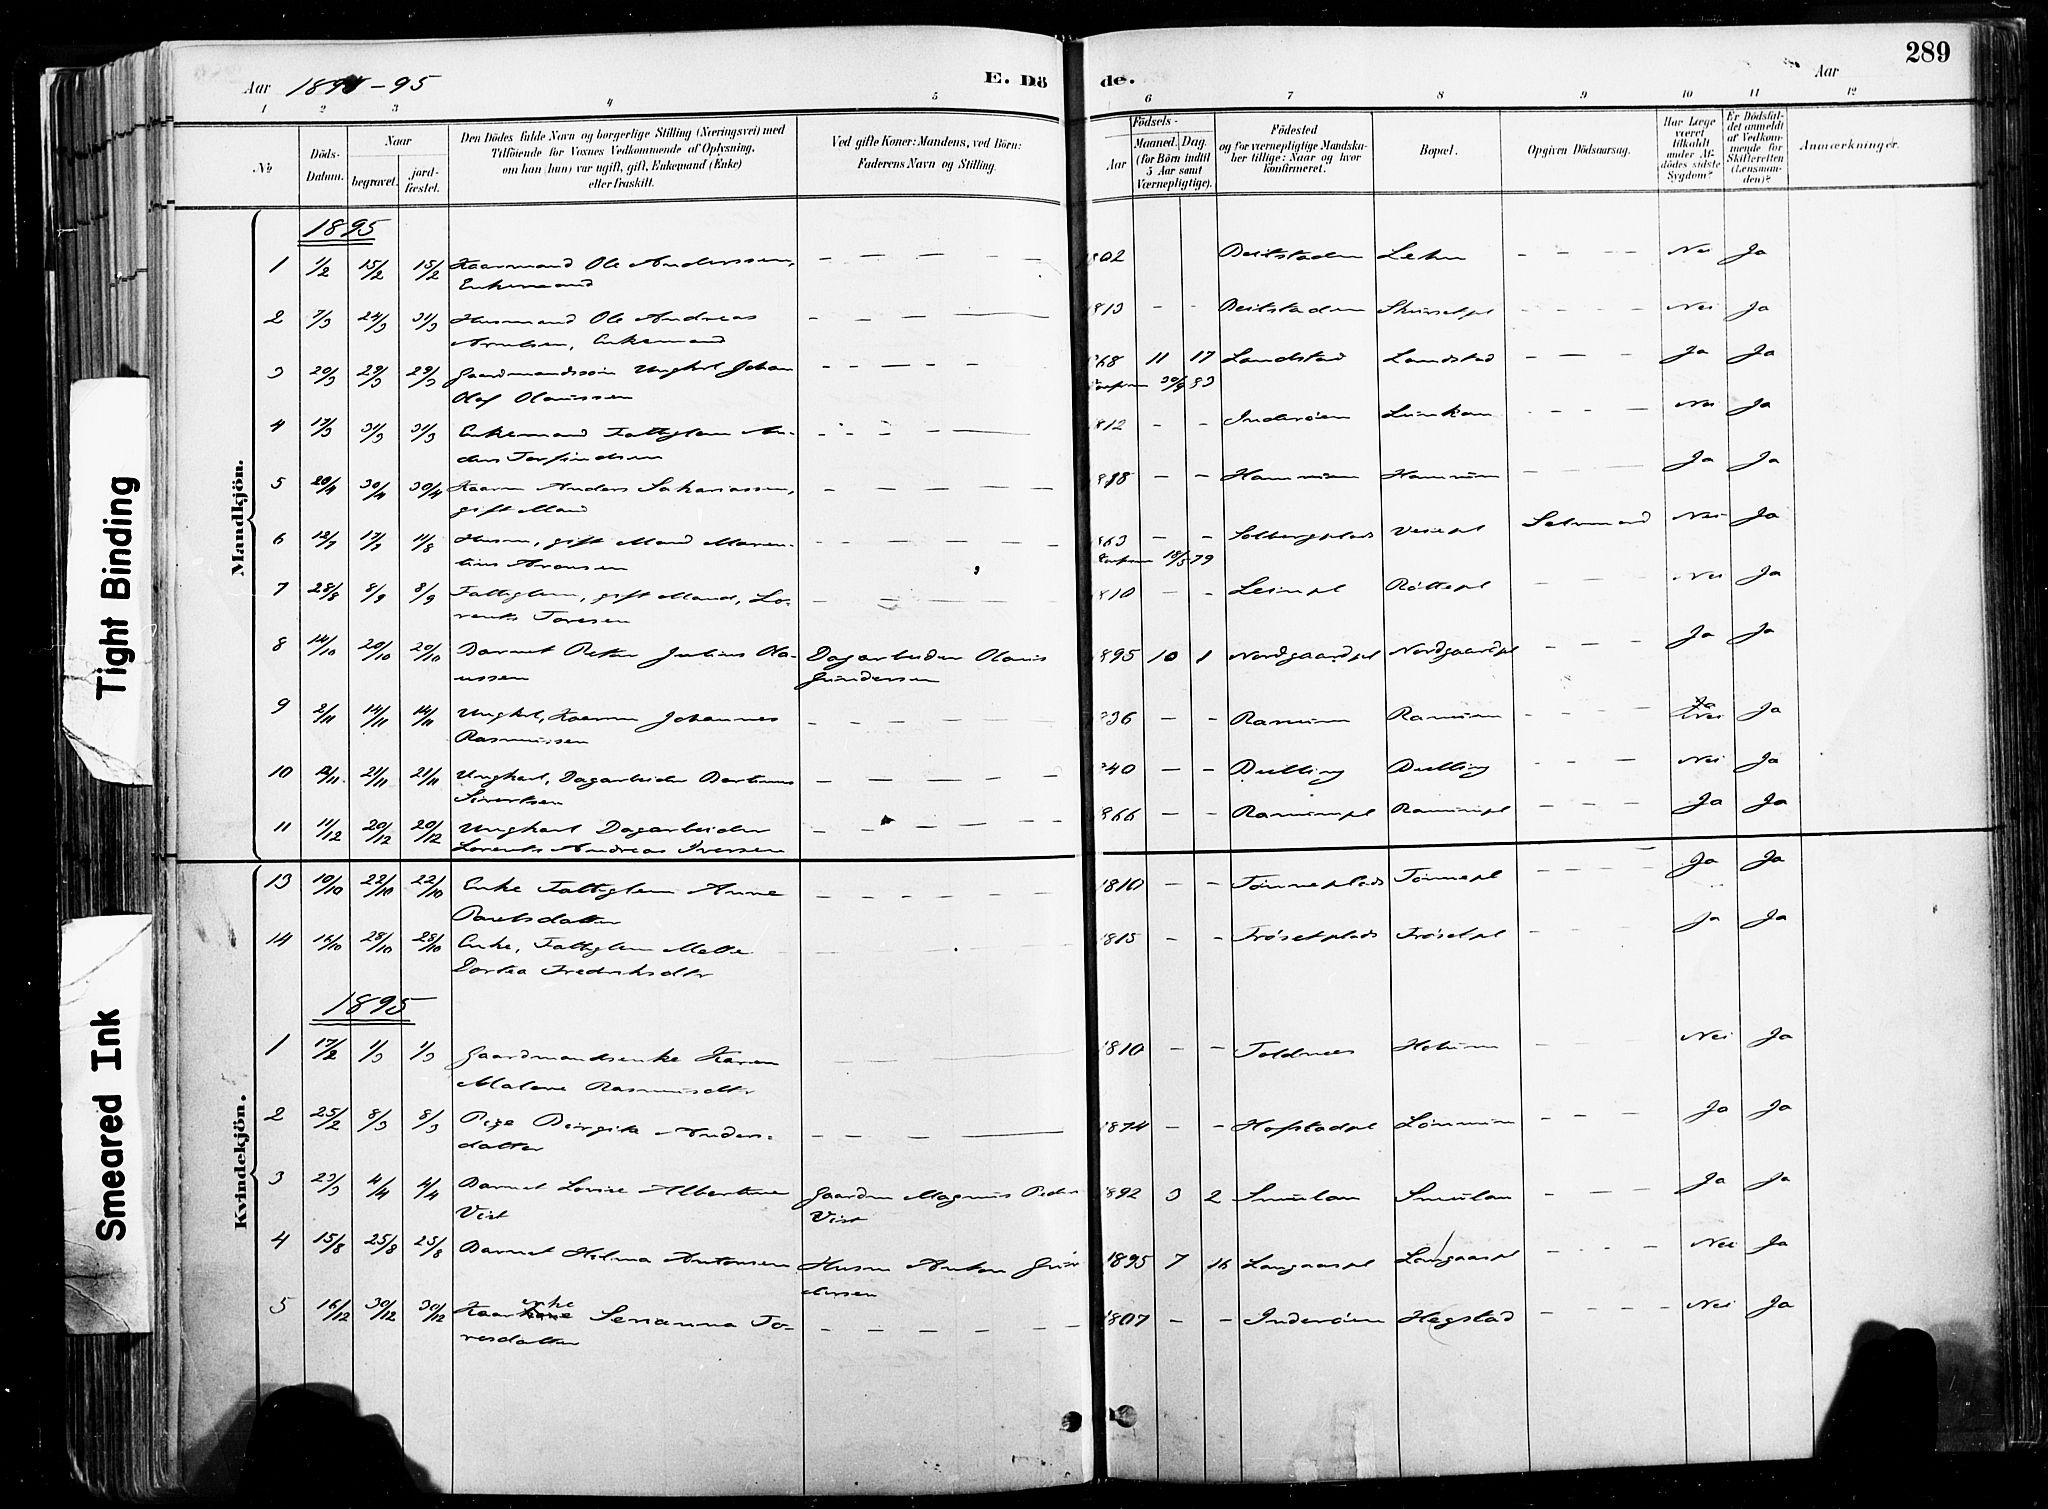 SAT, Ministerialprotokoller, klokkerbøker og fødselsregistre - Nord-Trøndelag, 735/L0351: Ministerialbok nr. 735A10, 1884-1908, s. 289